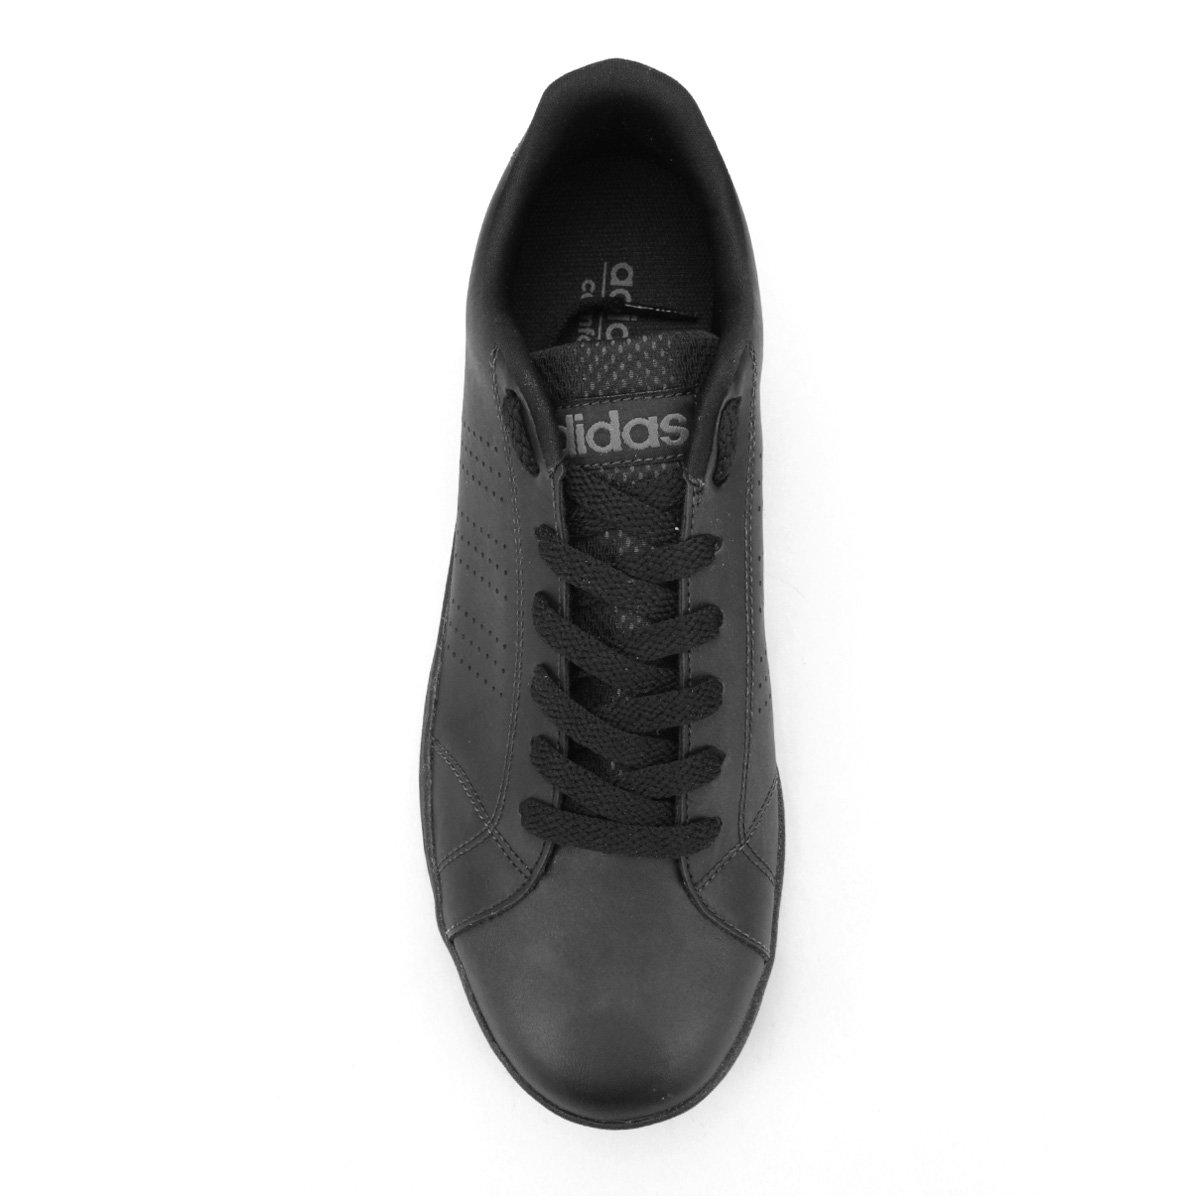 ... elegant shoes Tênis Adidas Advantage Vs Clean - Preto - Compre Agora  Netshoes 03f18 0a853 ... 61b1f050e1dba